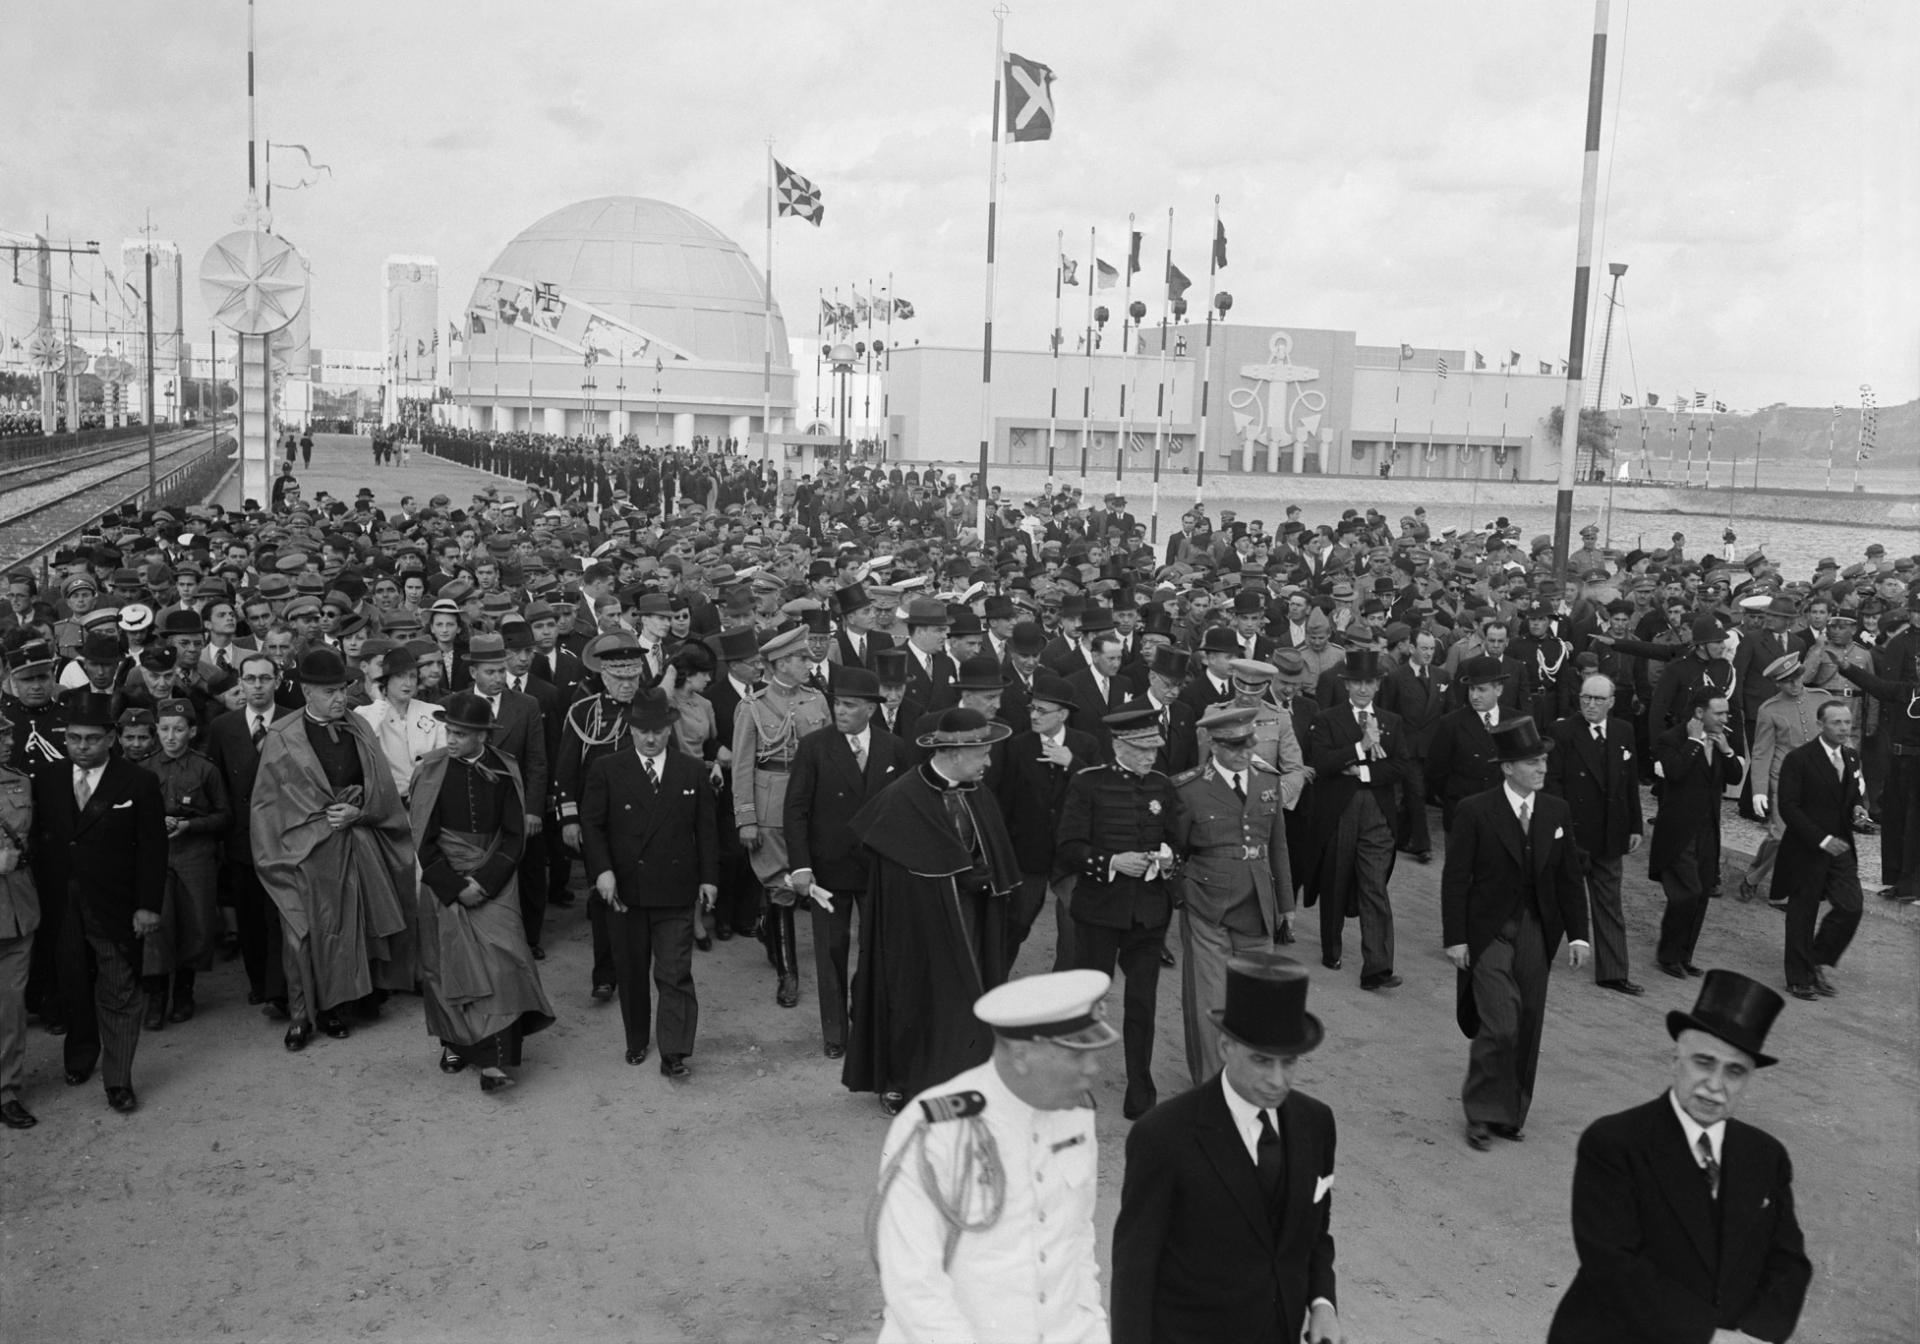 Fotografia da inauguração da Exposição do Mundo Português,no dia 23 de Junho de 1940, umas centenas de pessoas, entre as quais políticos, embaixadores e governantes. Ao fundo o Pavilhão e Esfera dos Descobrimentos